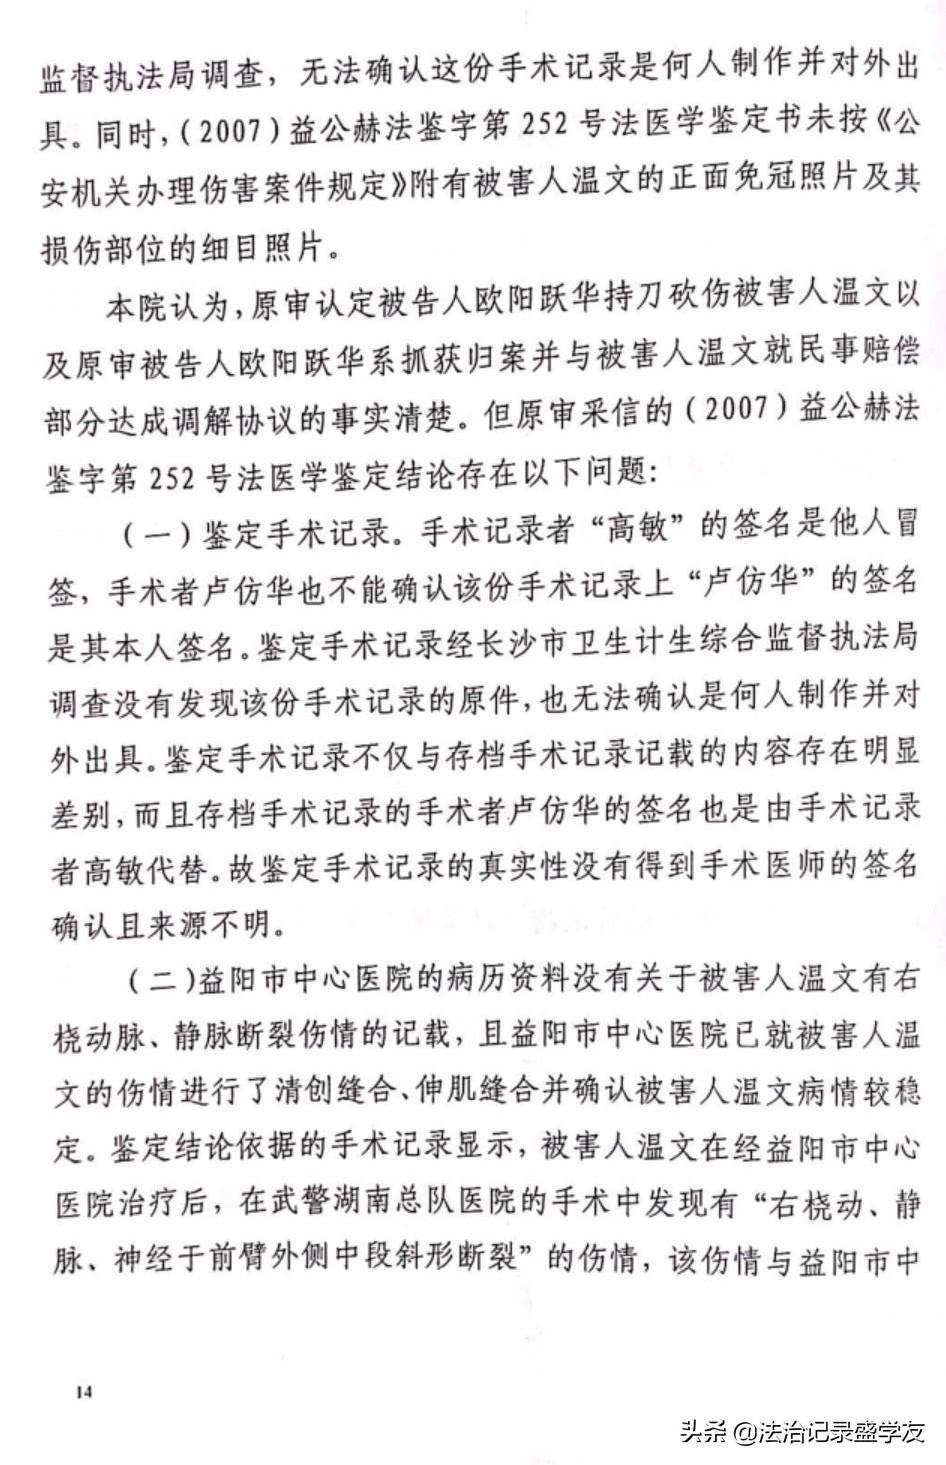 湖南益阳一伤害案14年后再审无罪!宋才发教授点评:小案件大精神